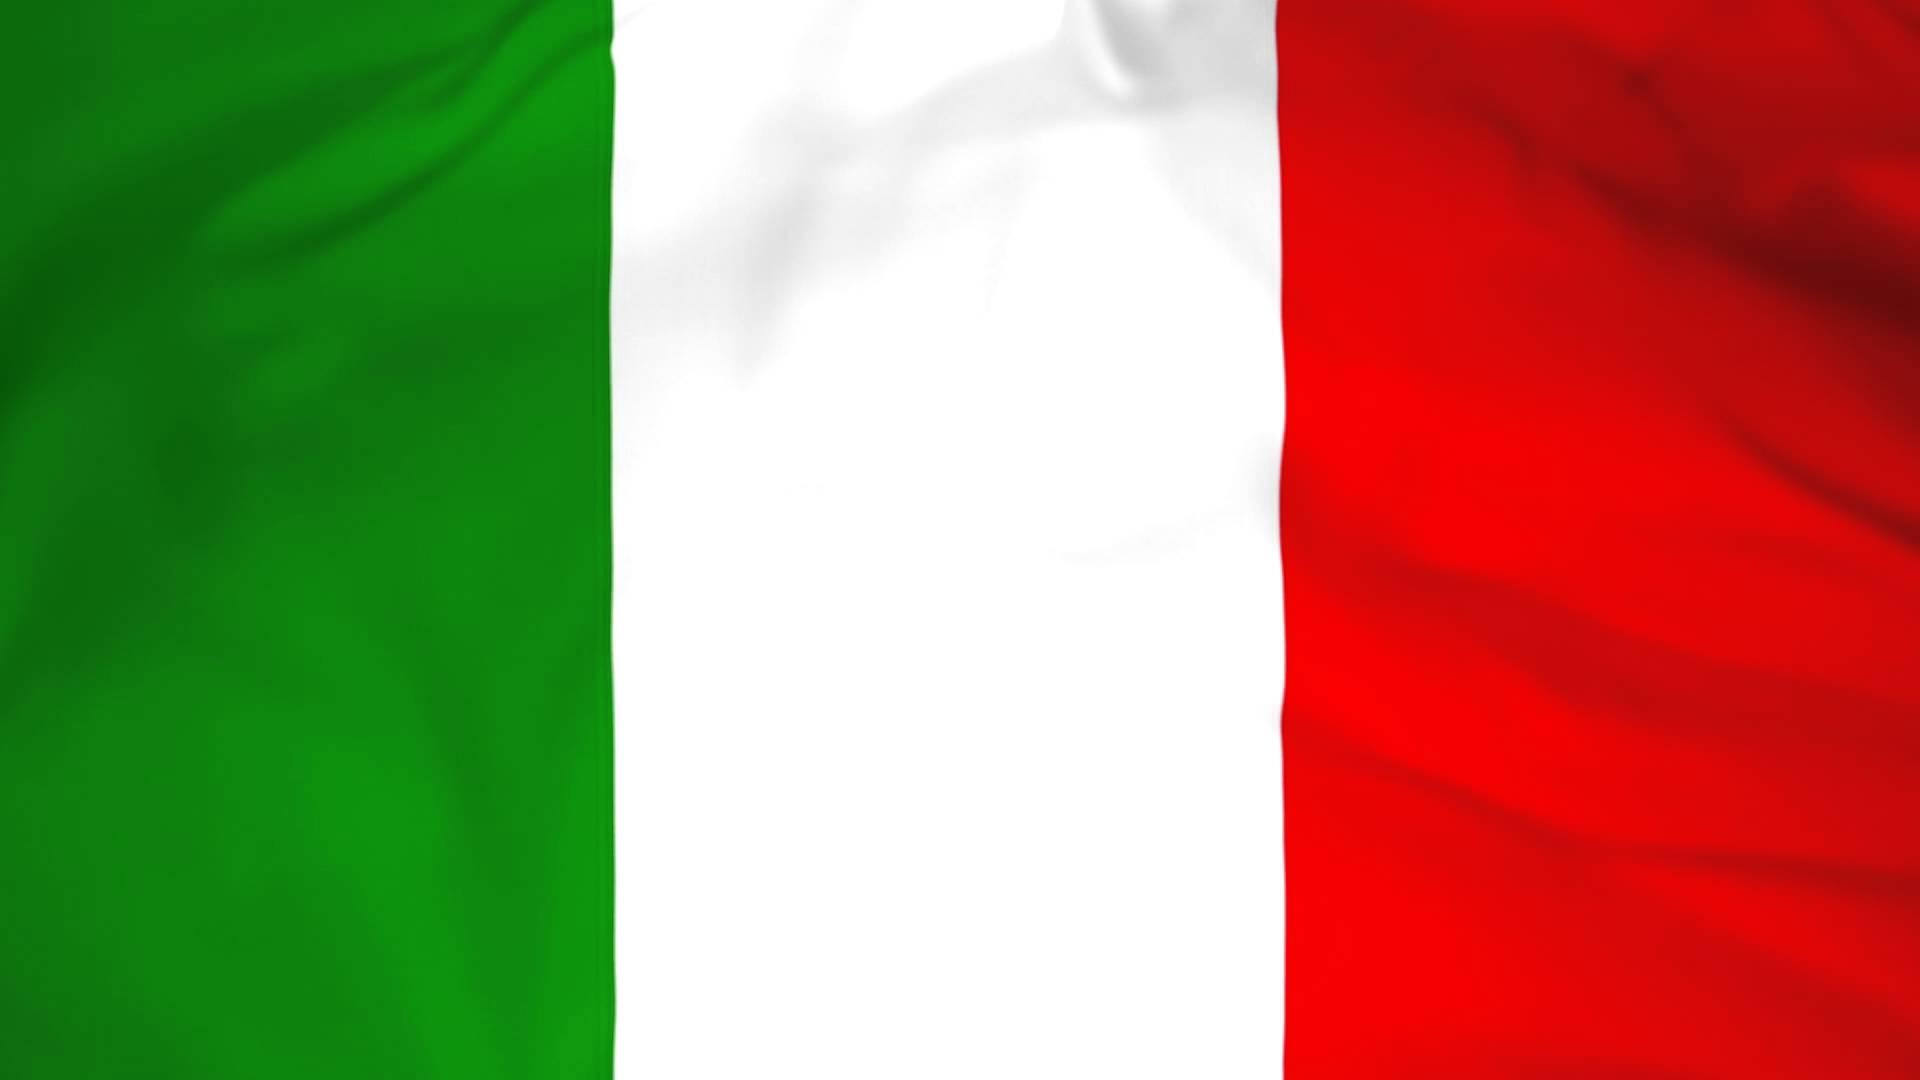 Made in Italy: madingi šalies himno muzikiniai rūbai